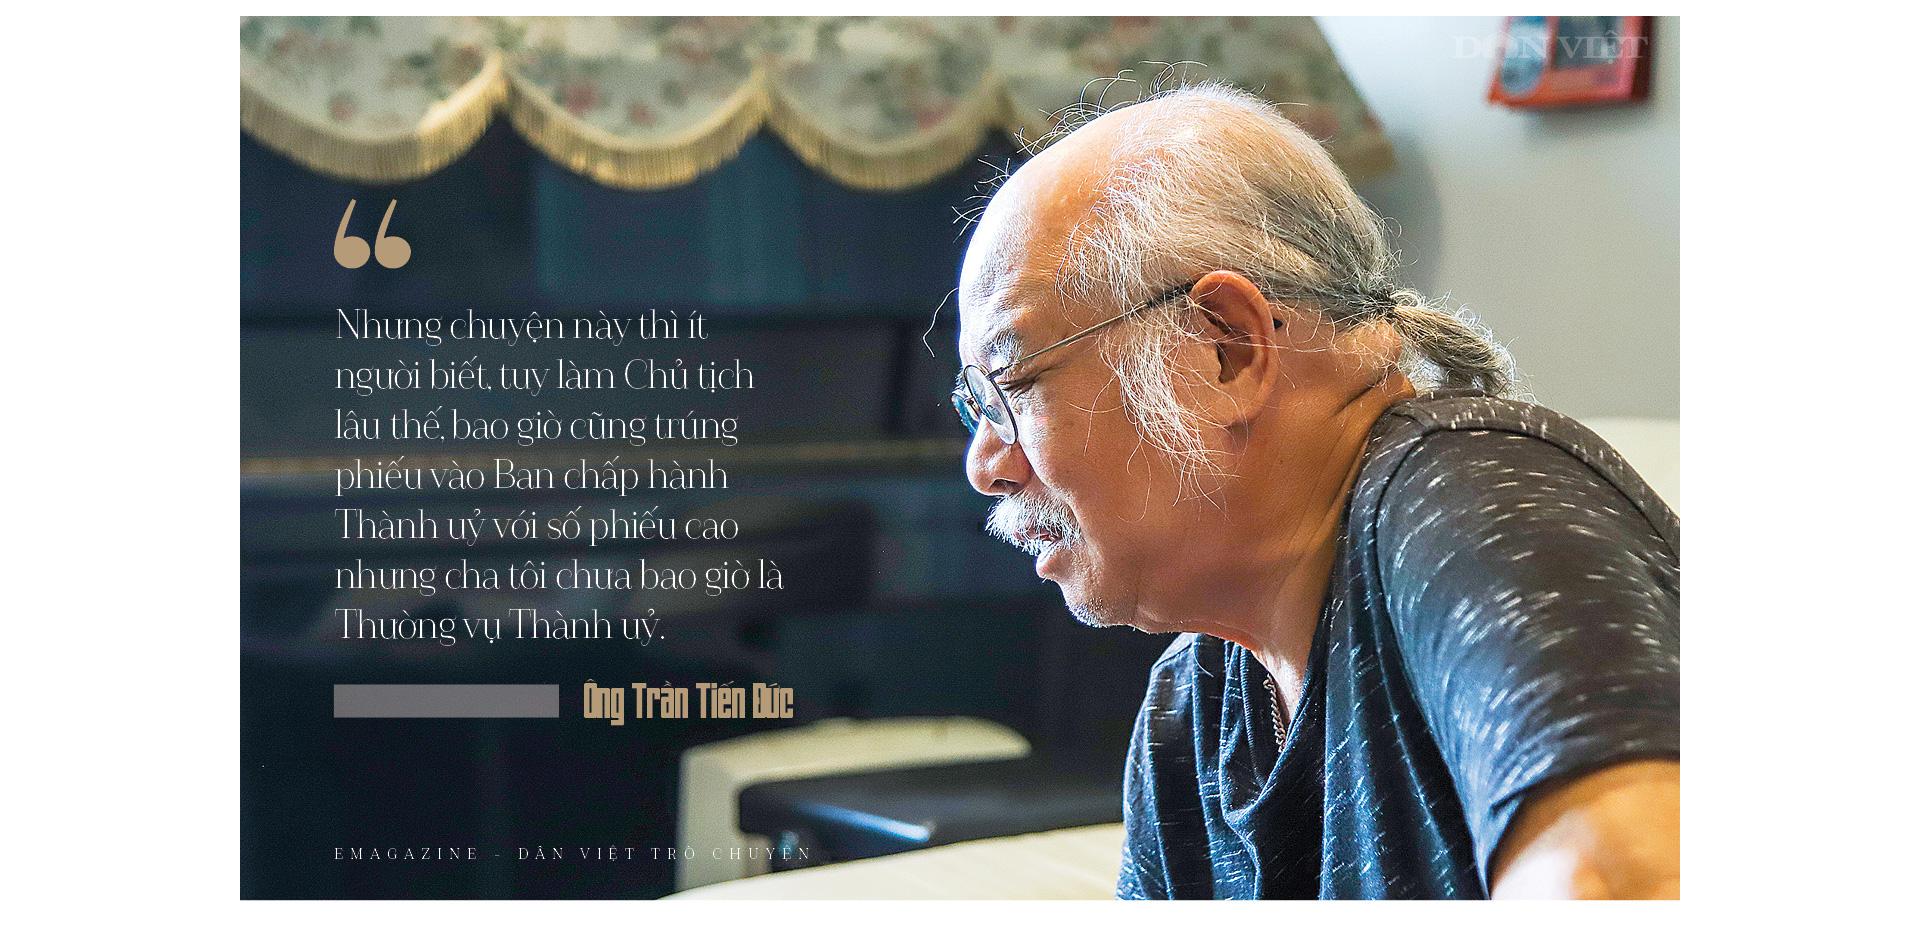 Bác sĩ Trần Duy Hưng – thị trưởng Hà Nội đầu tiên và lâu năm nhất - Ảnh 17.